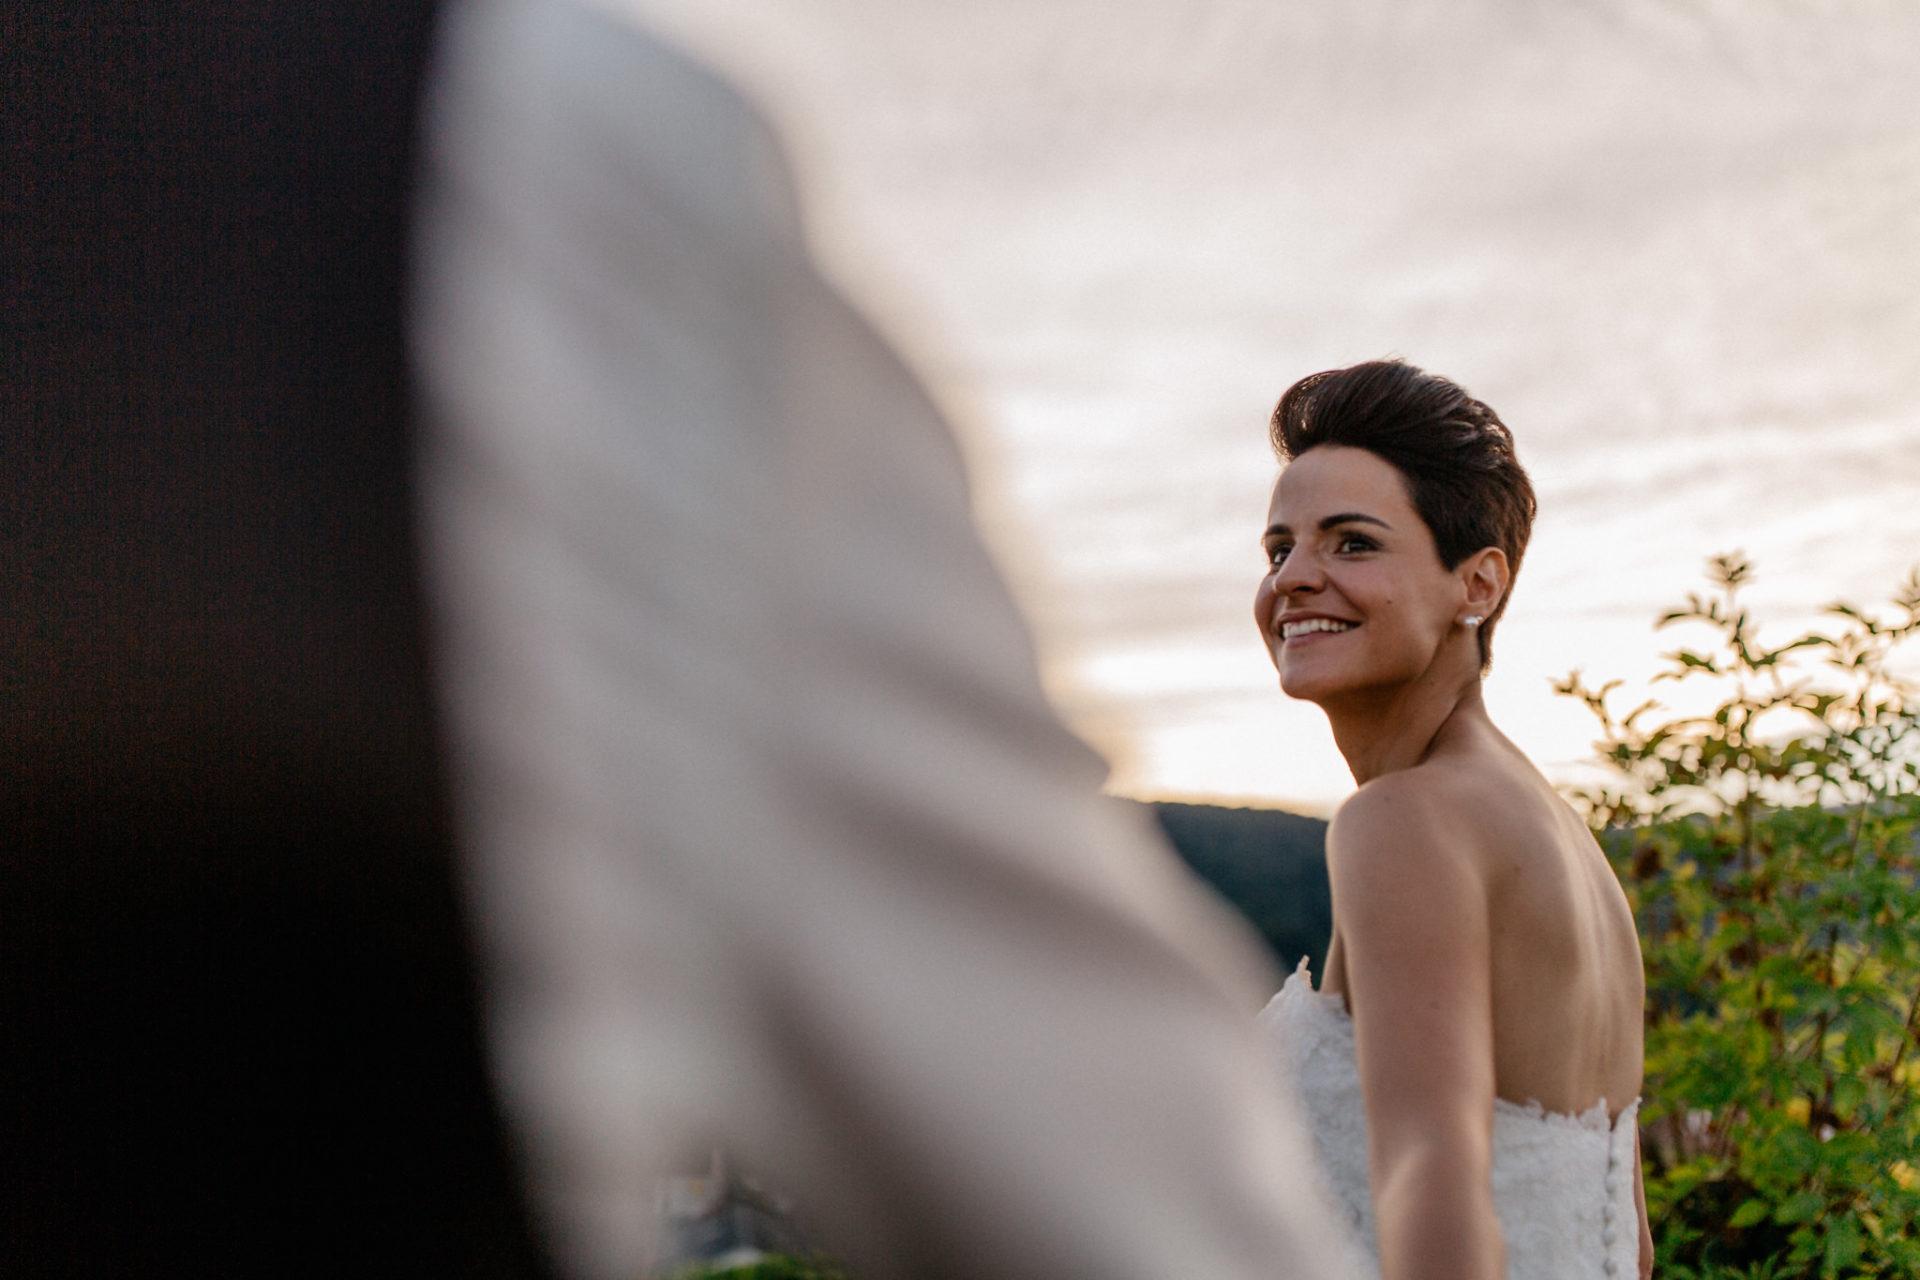 Weingut Fitz Ritter Hochzeitsfotograf-heiraten Pfalz-Sommerhochzeit Braut und Bräutigam Sonnenuntergang